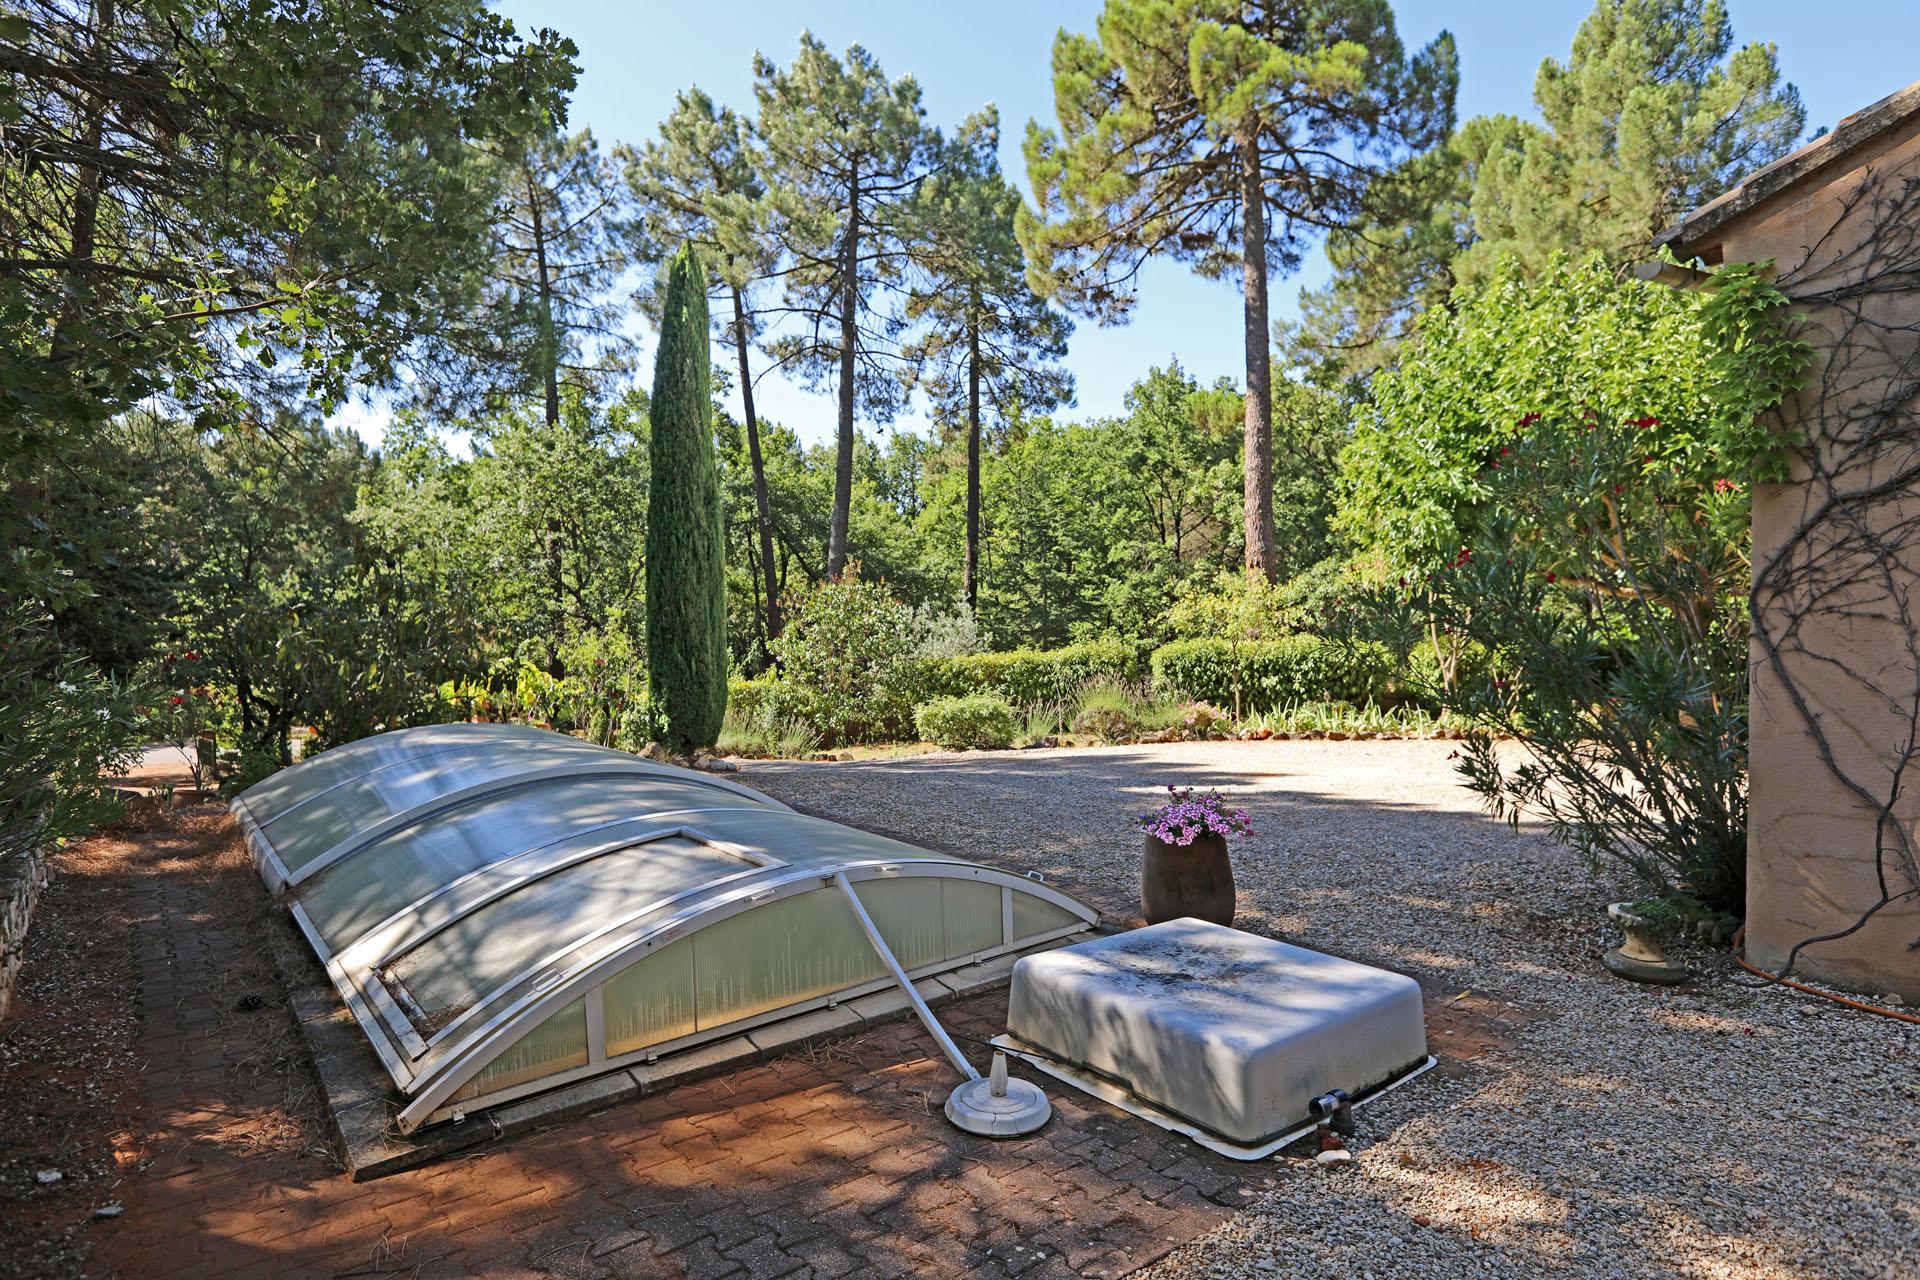 Vue sur la piscine et le jardin par le coté de la maison